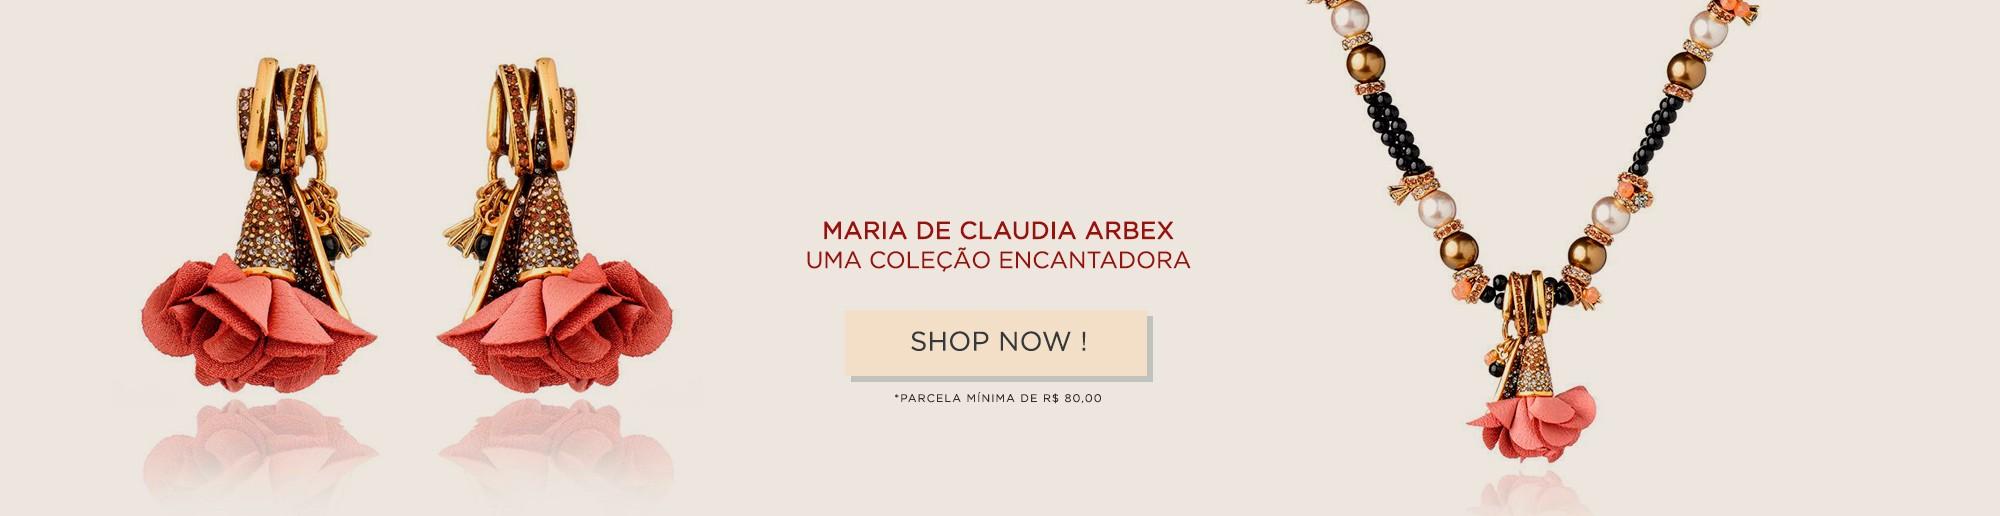 Coleção Maria de Claudia Arbex